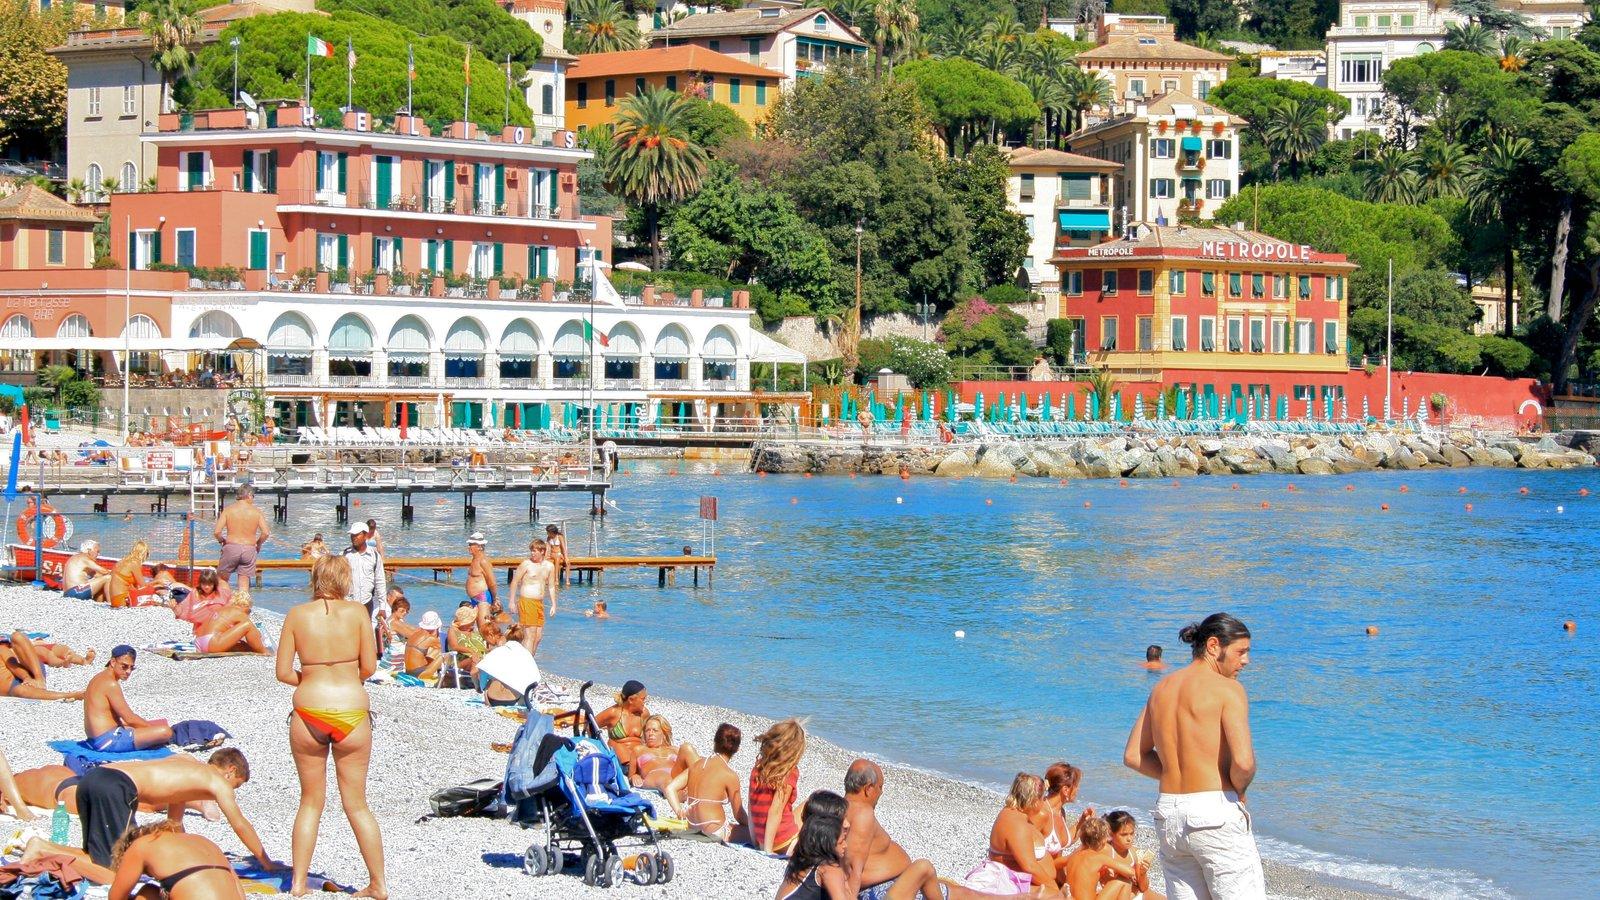 Hotels Near Genoa Italy